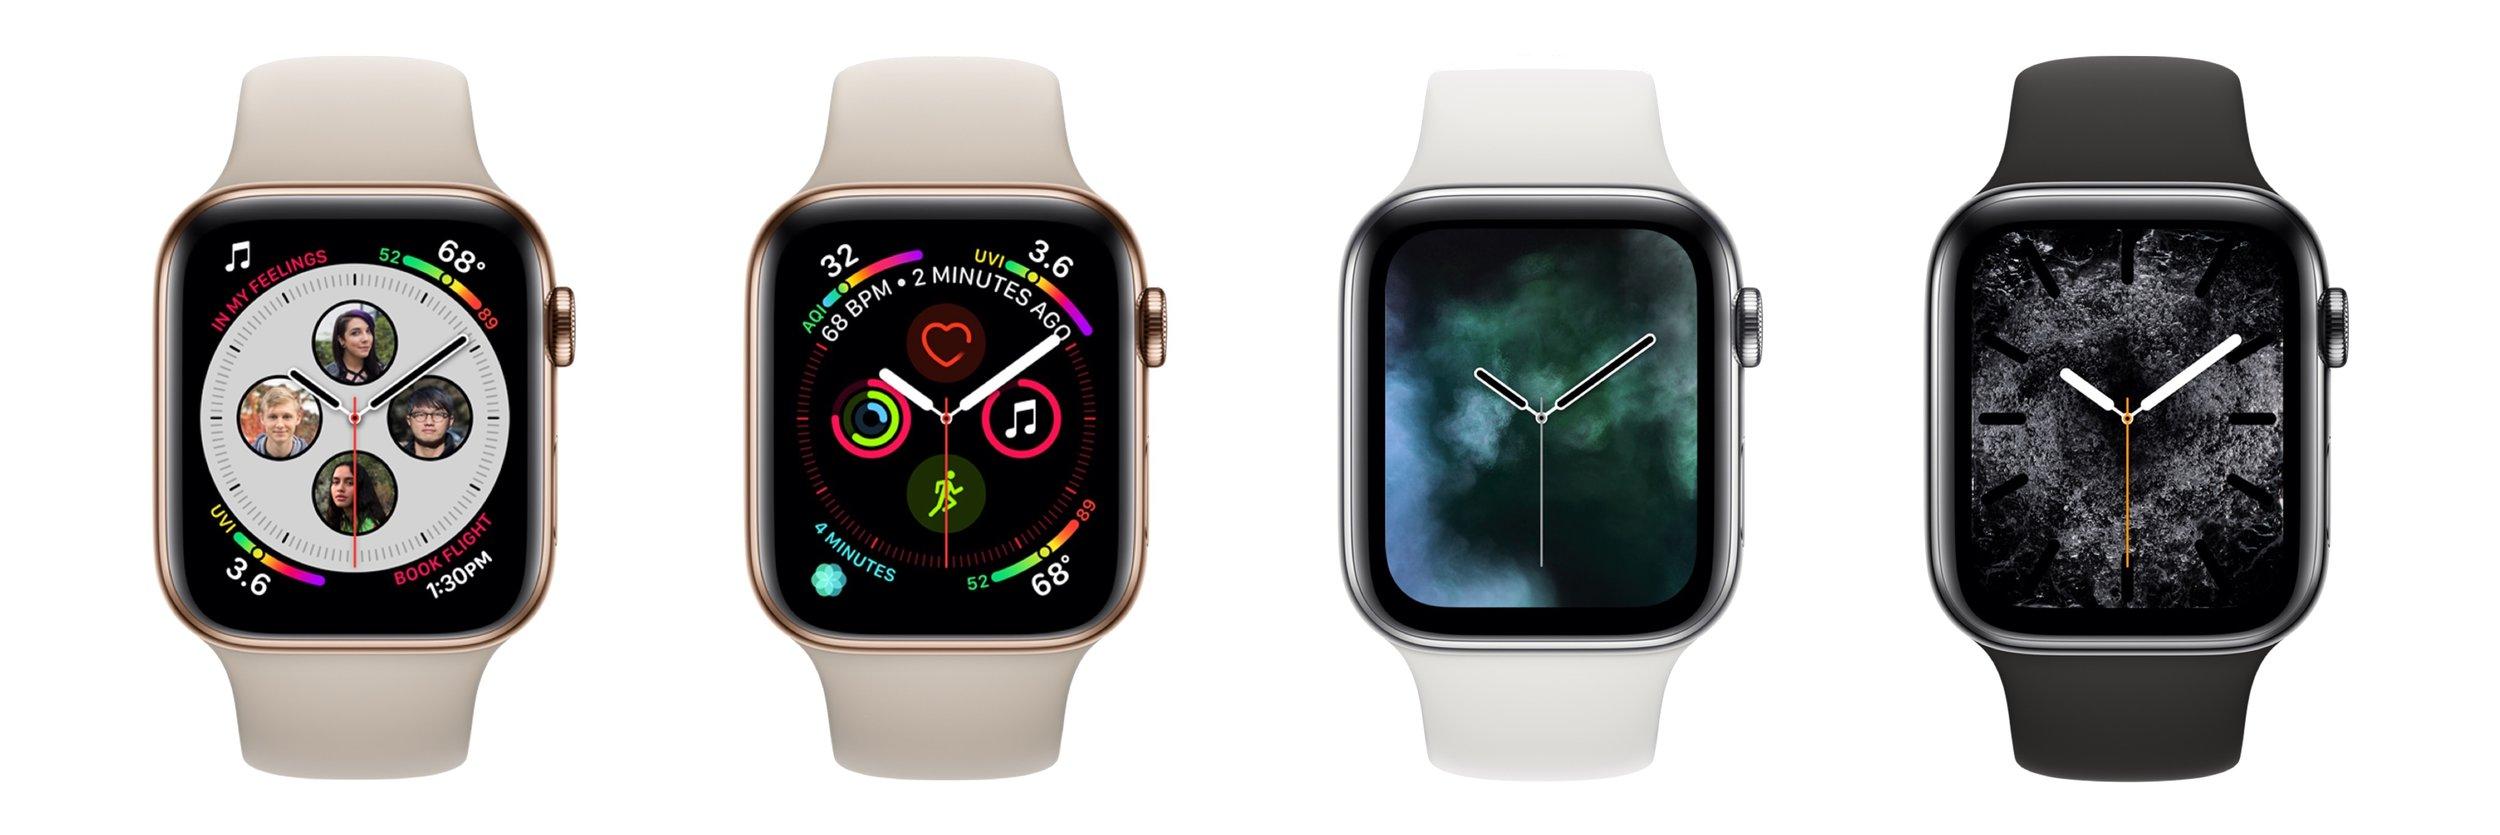 Apple-Watch-Series-4-faces.jpg